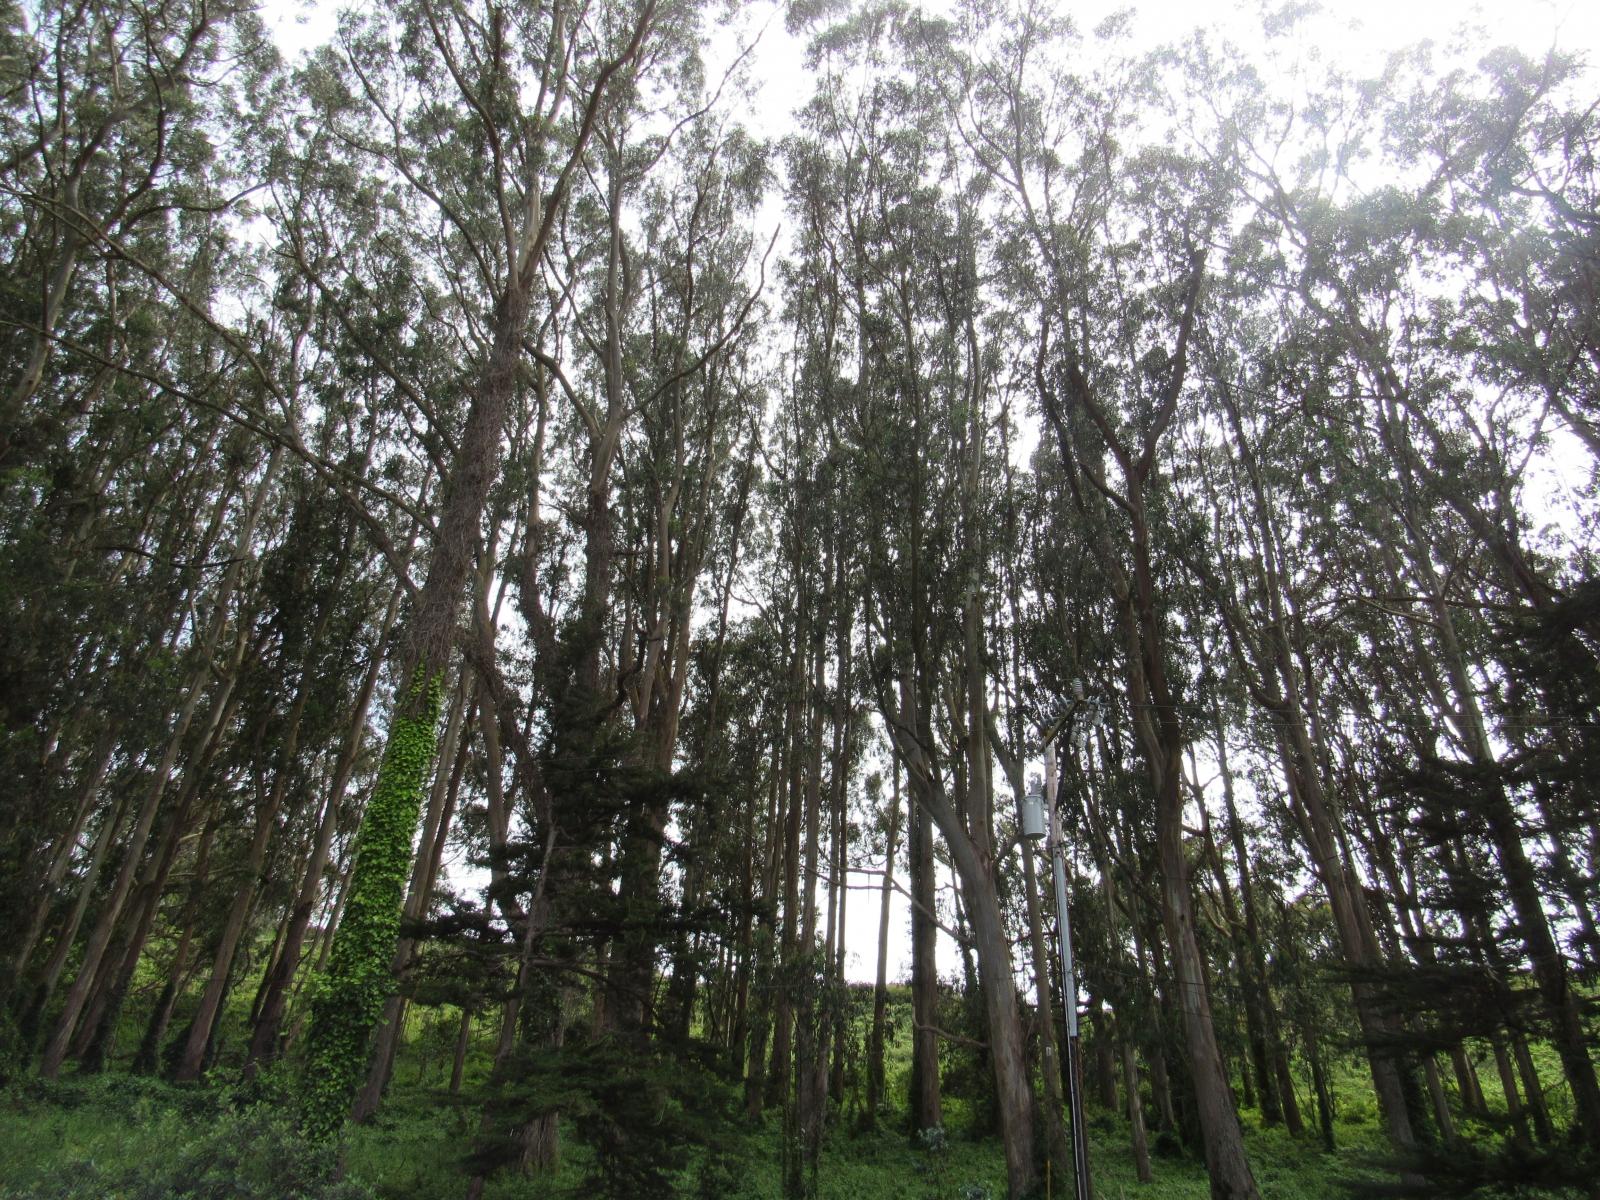 Treesinlight2